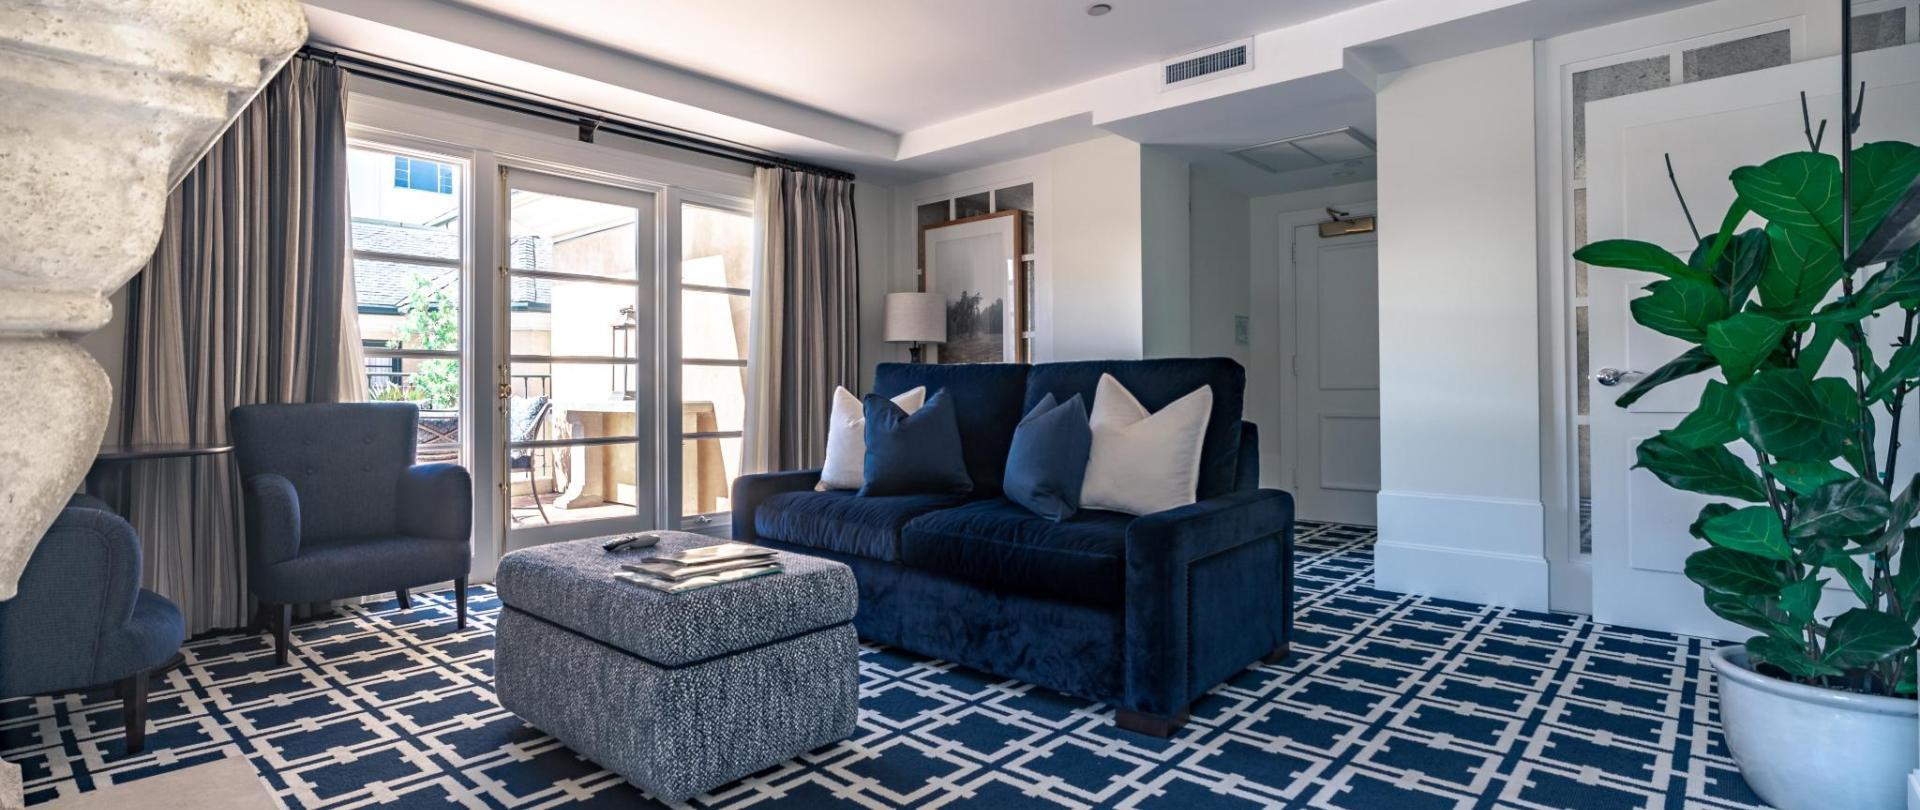 PH livingroom4.jpg